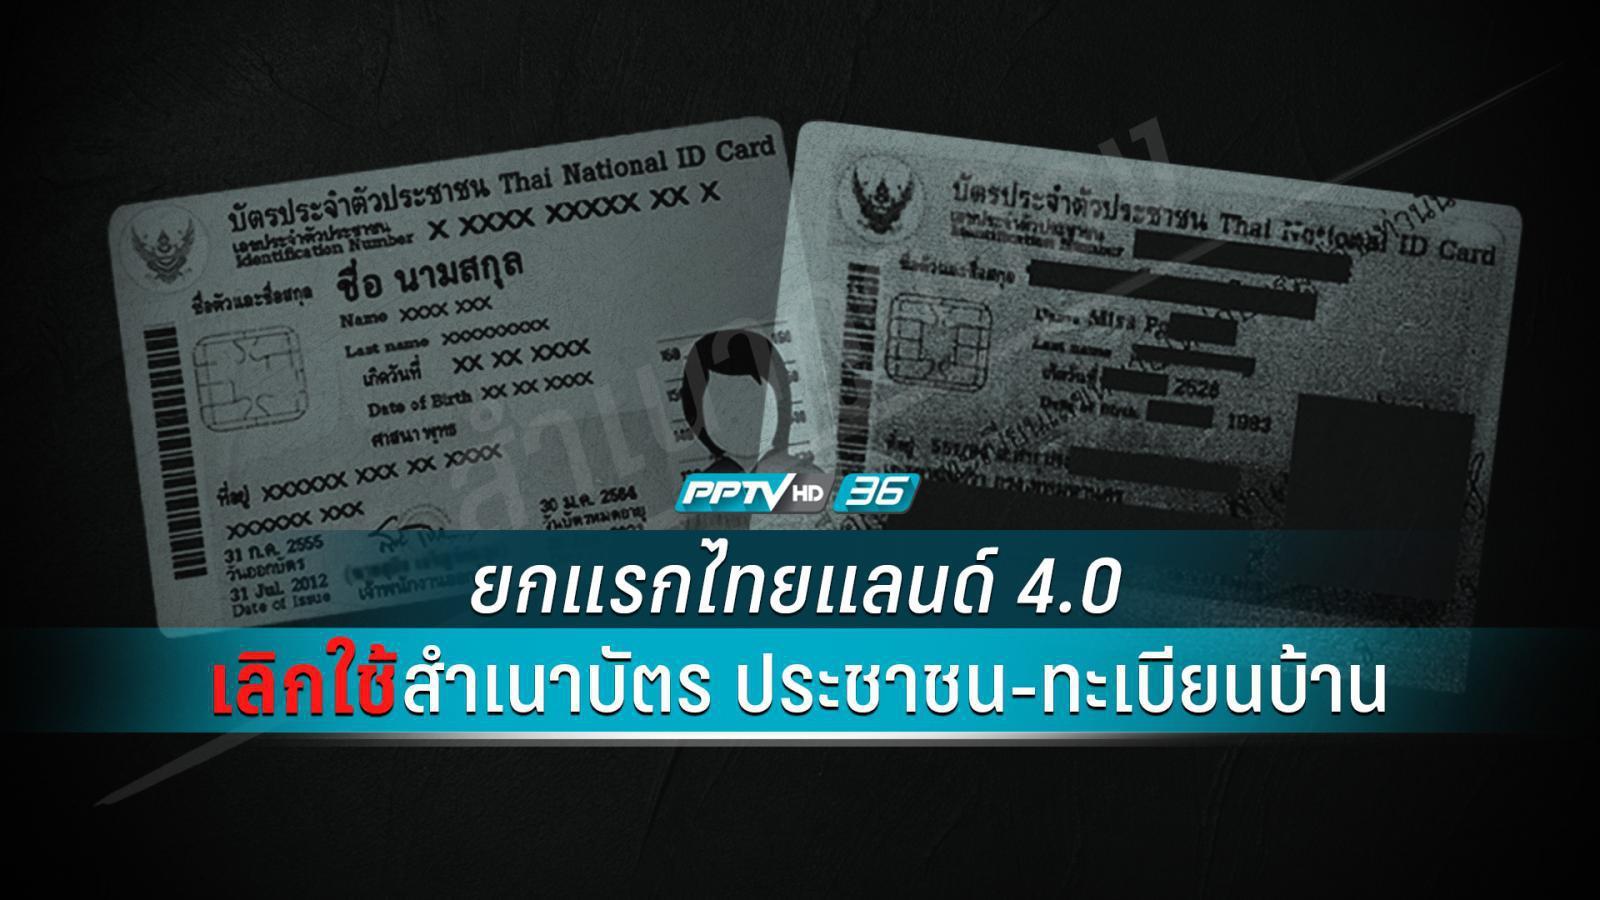 ส.ค. 61 ยกเลิกใช้สำเนาบัตรประชาชน-ทะเบียนบ้าน